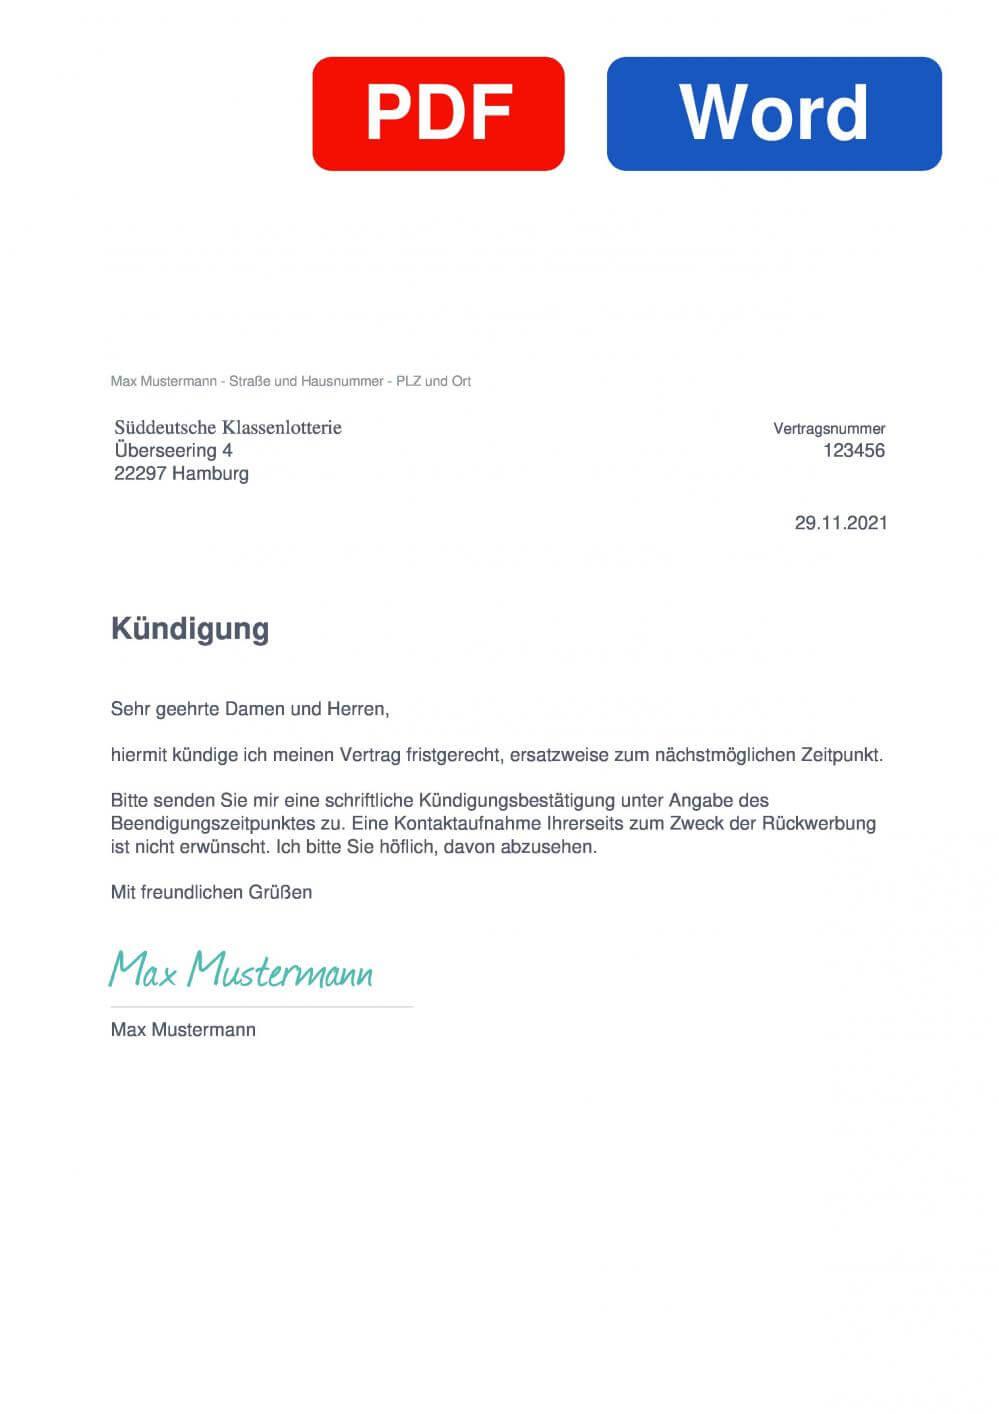 Süddeutsche Klassenlotterie Muster Vorlage für Kündigungsschreiben